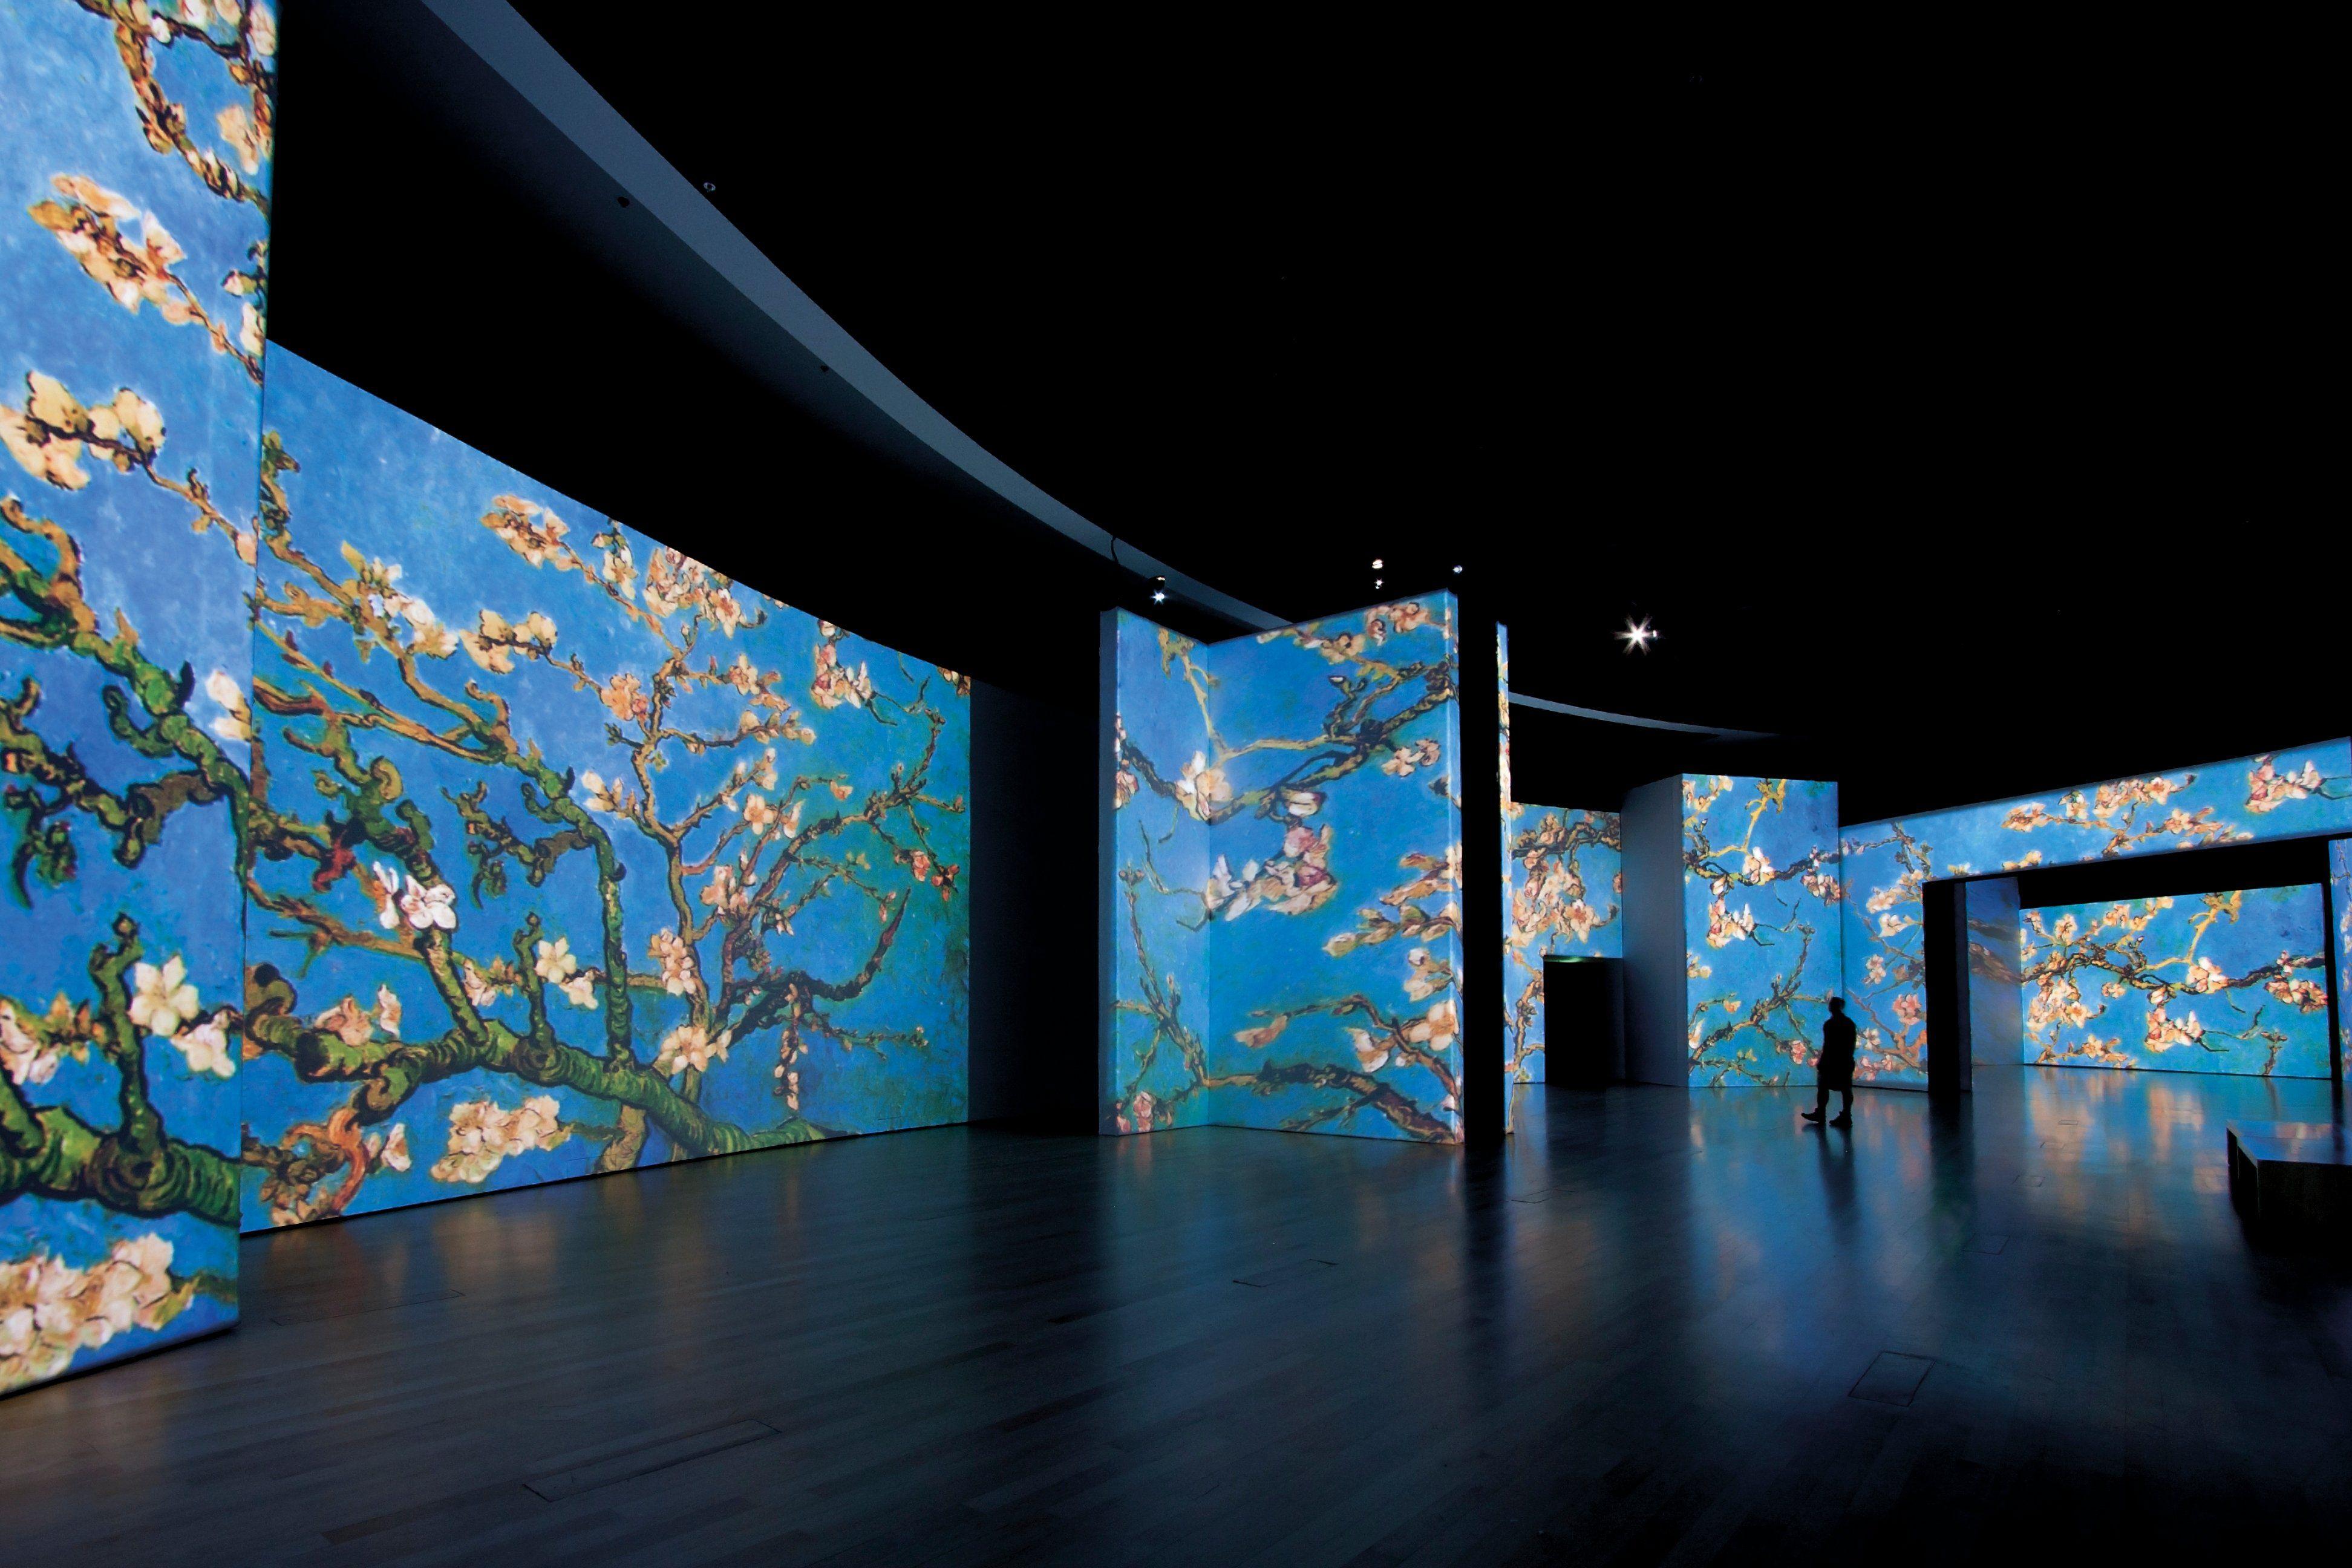 Van Gogh Alive Fechas Precio Y Todo Lo Que Debes Saber Van Gogh Pinturas De Van Gogh Exposiciones